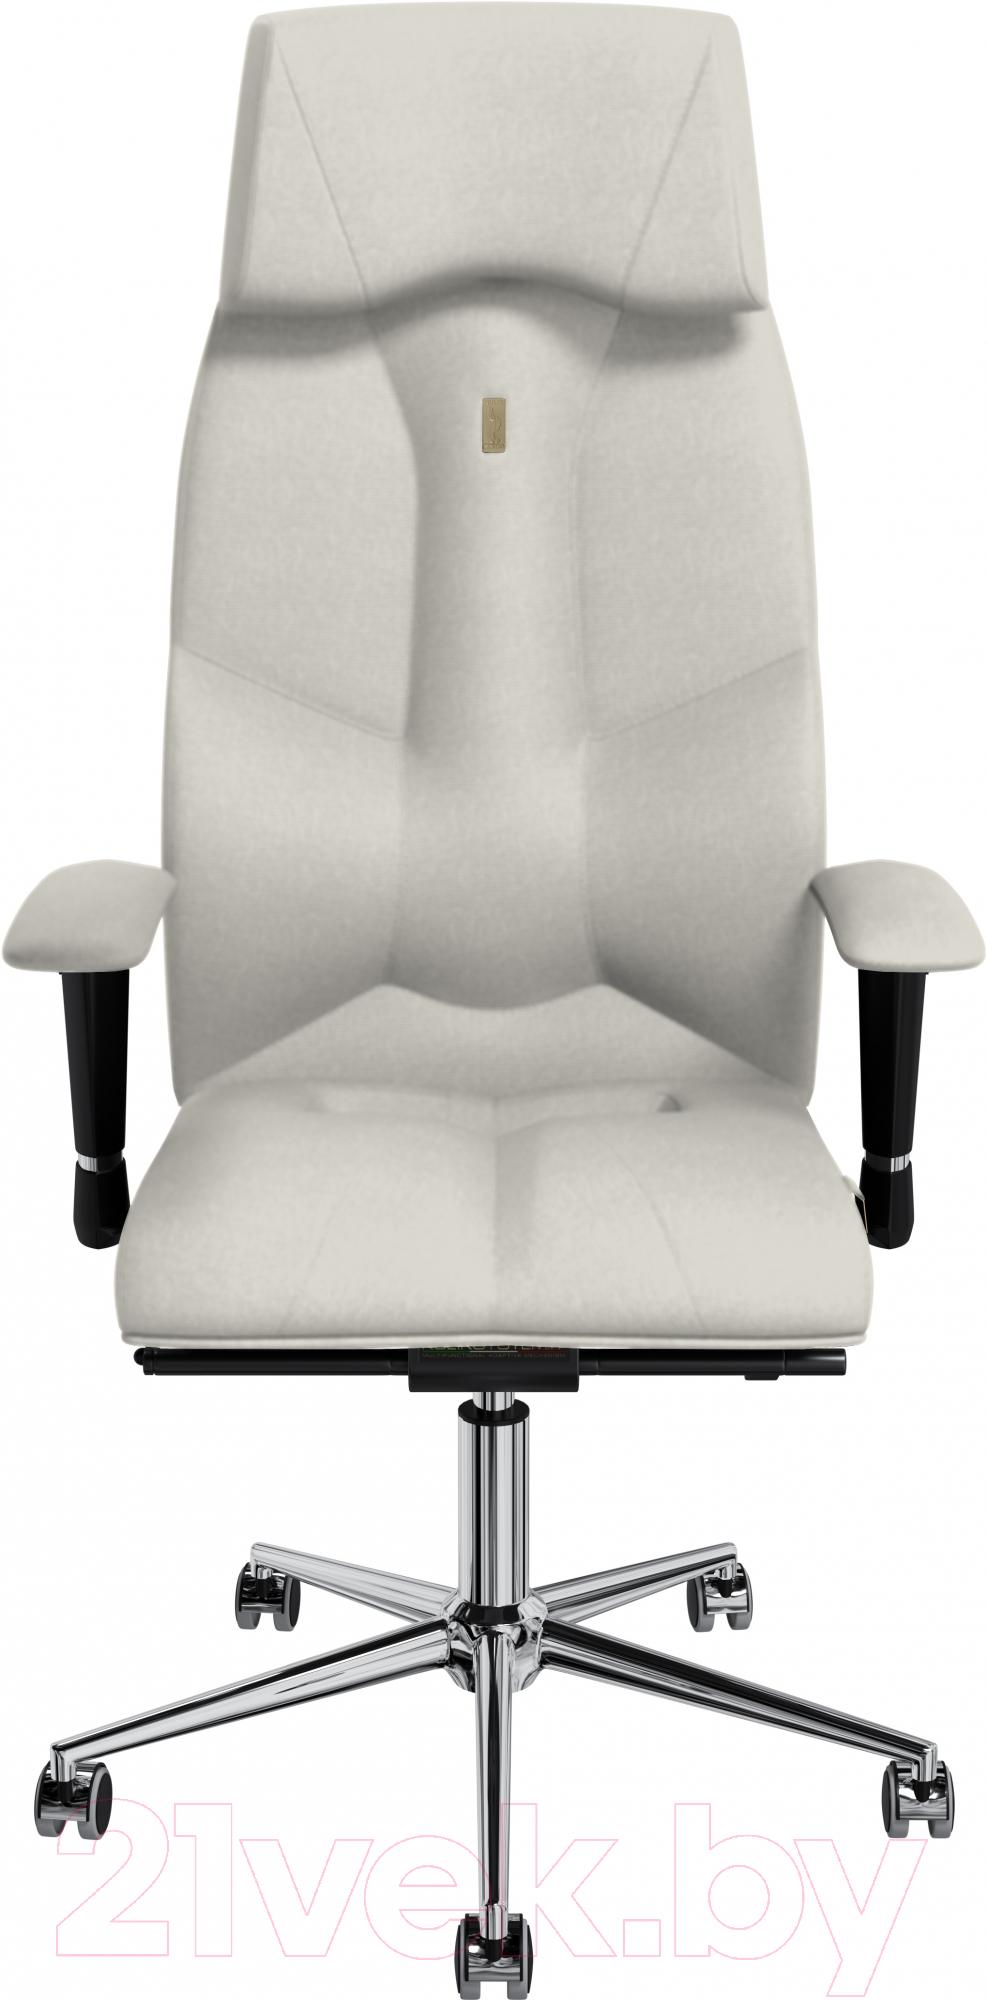 Купить Кресло офисное Kulik System, Business кожа натуральная (белый), Украина, Business (Kulik System)